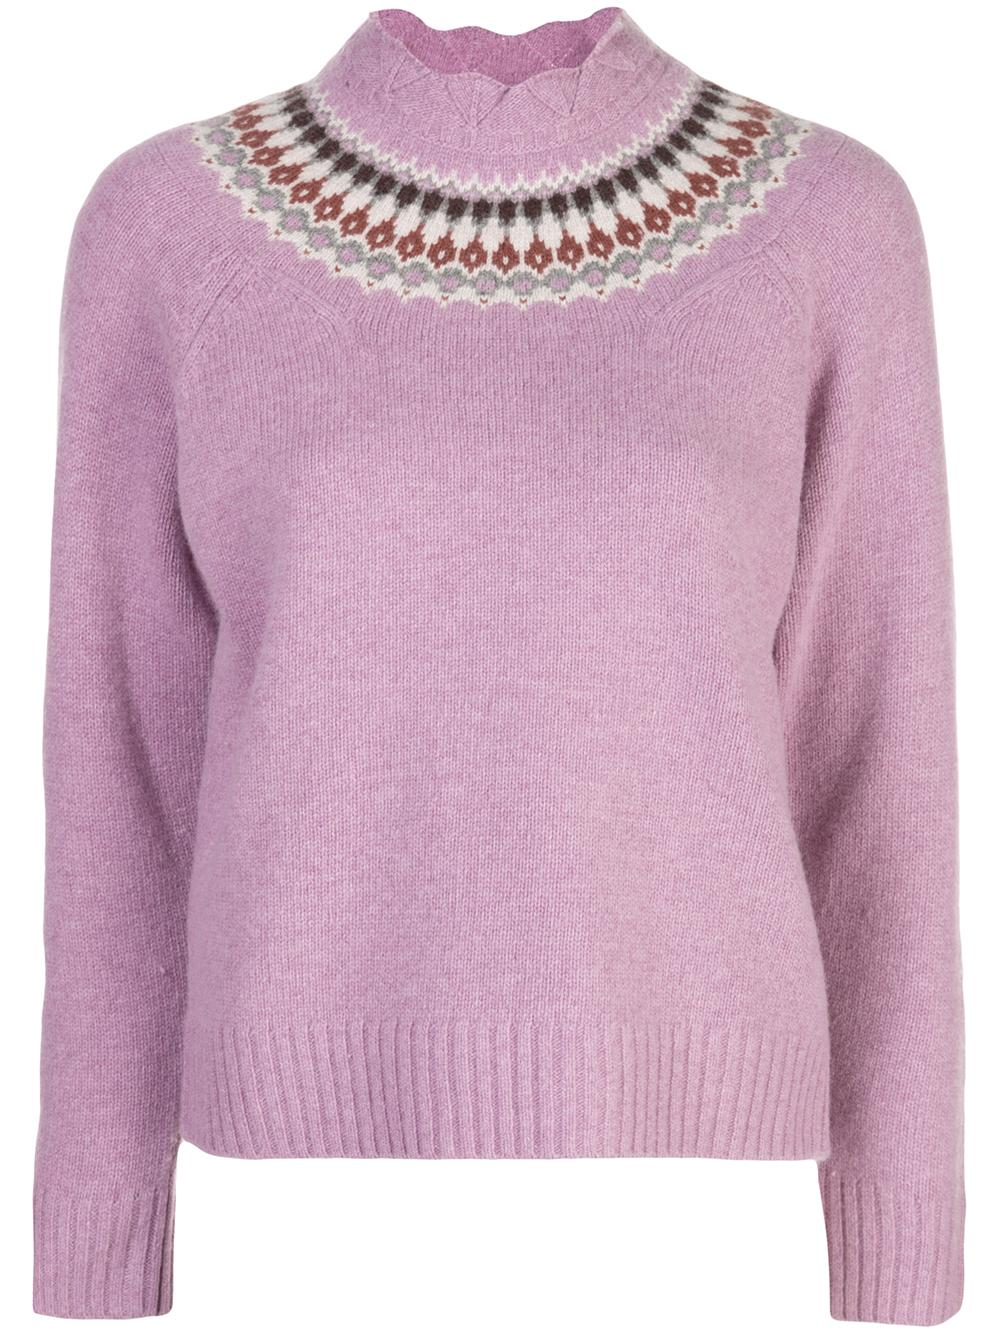 Brie Fair Isle Sweater